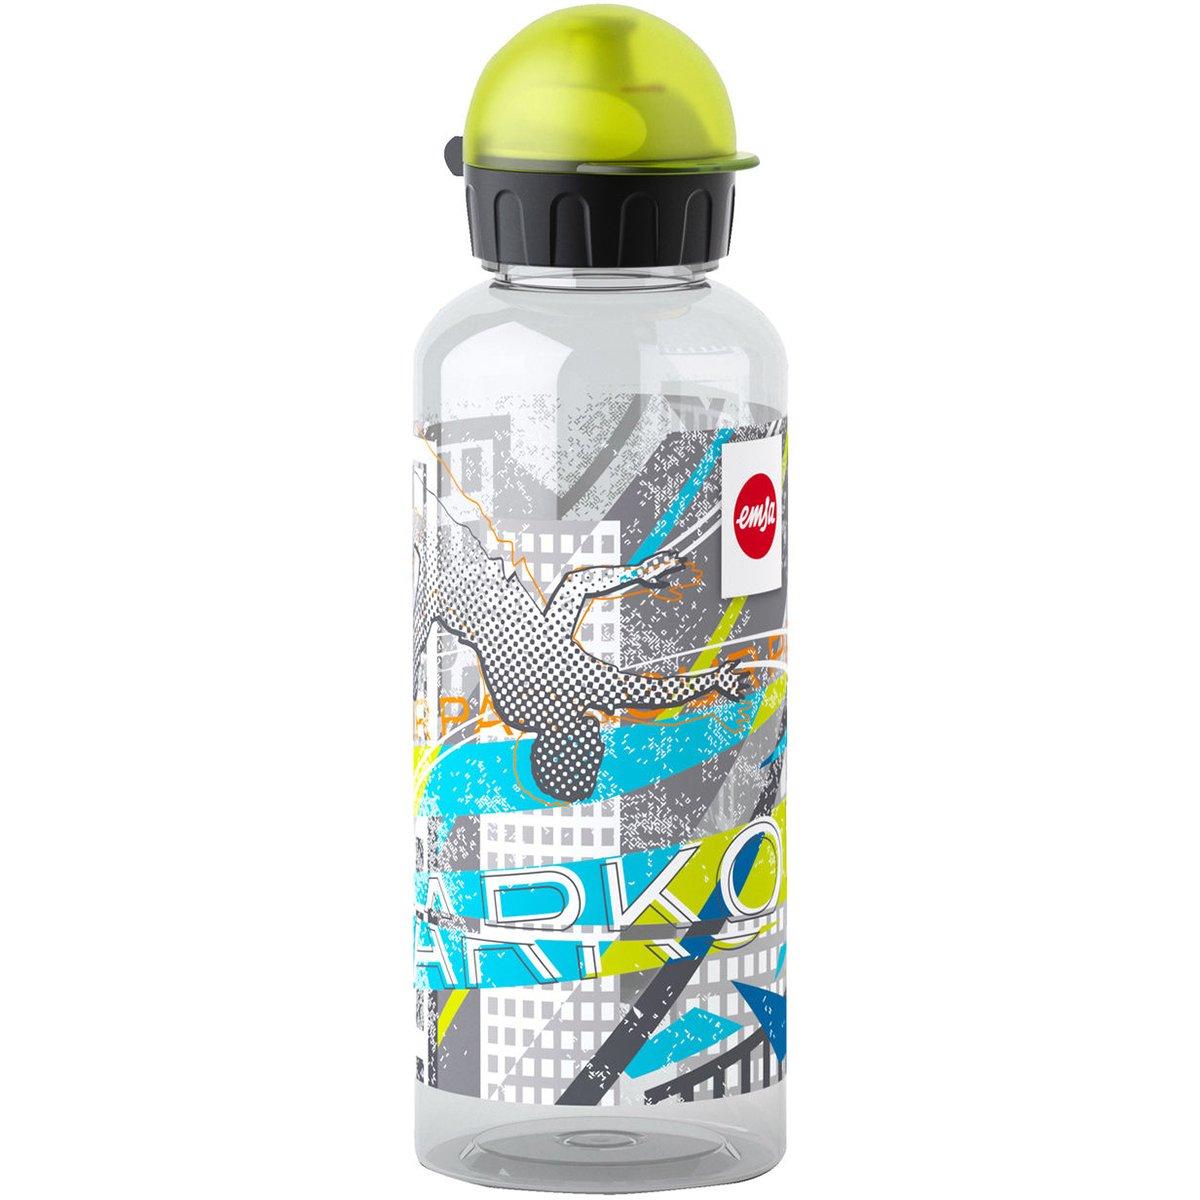 Multicolore Tappo-Beccuccio Emsa 518133 Teens Tritan Bottiglia 7.5 x 7.5 x 21.4 cm Decorazione Parcours